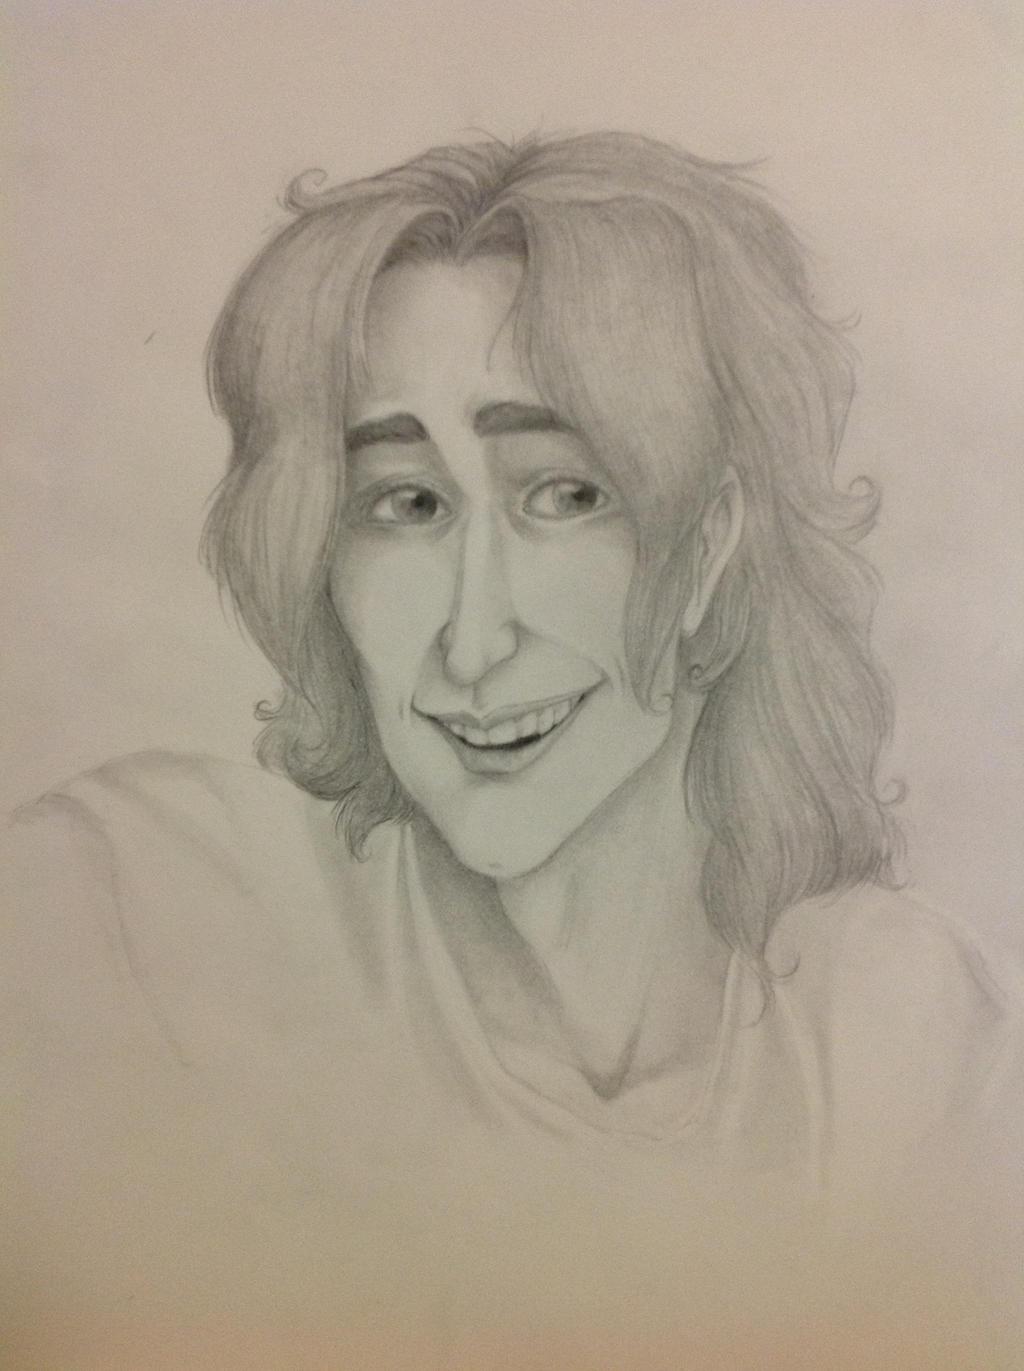 Elijah (Realistic Sketch) by Chrissyissypoo19